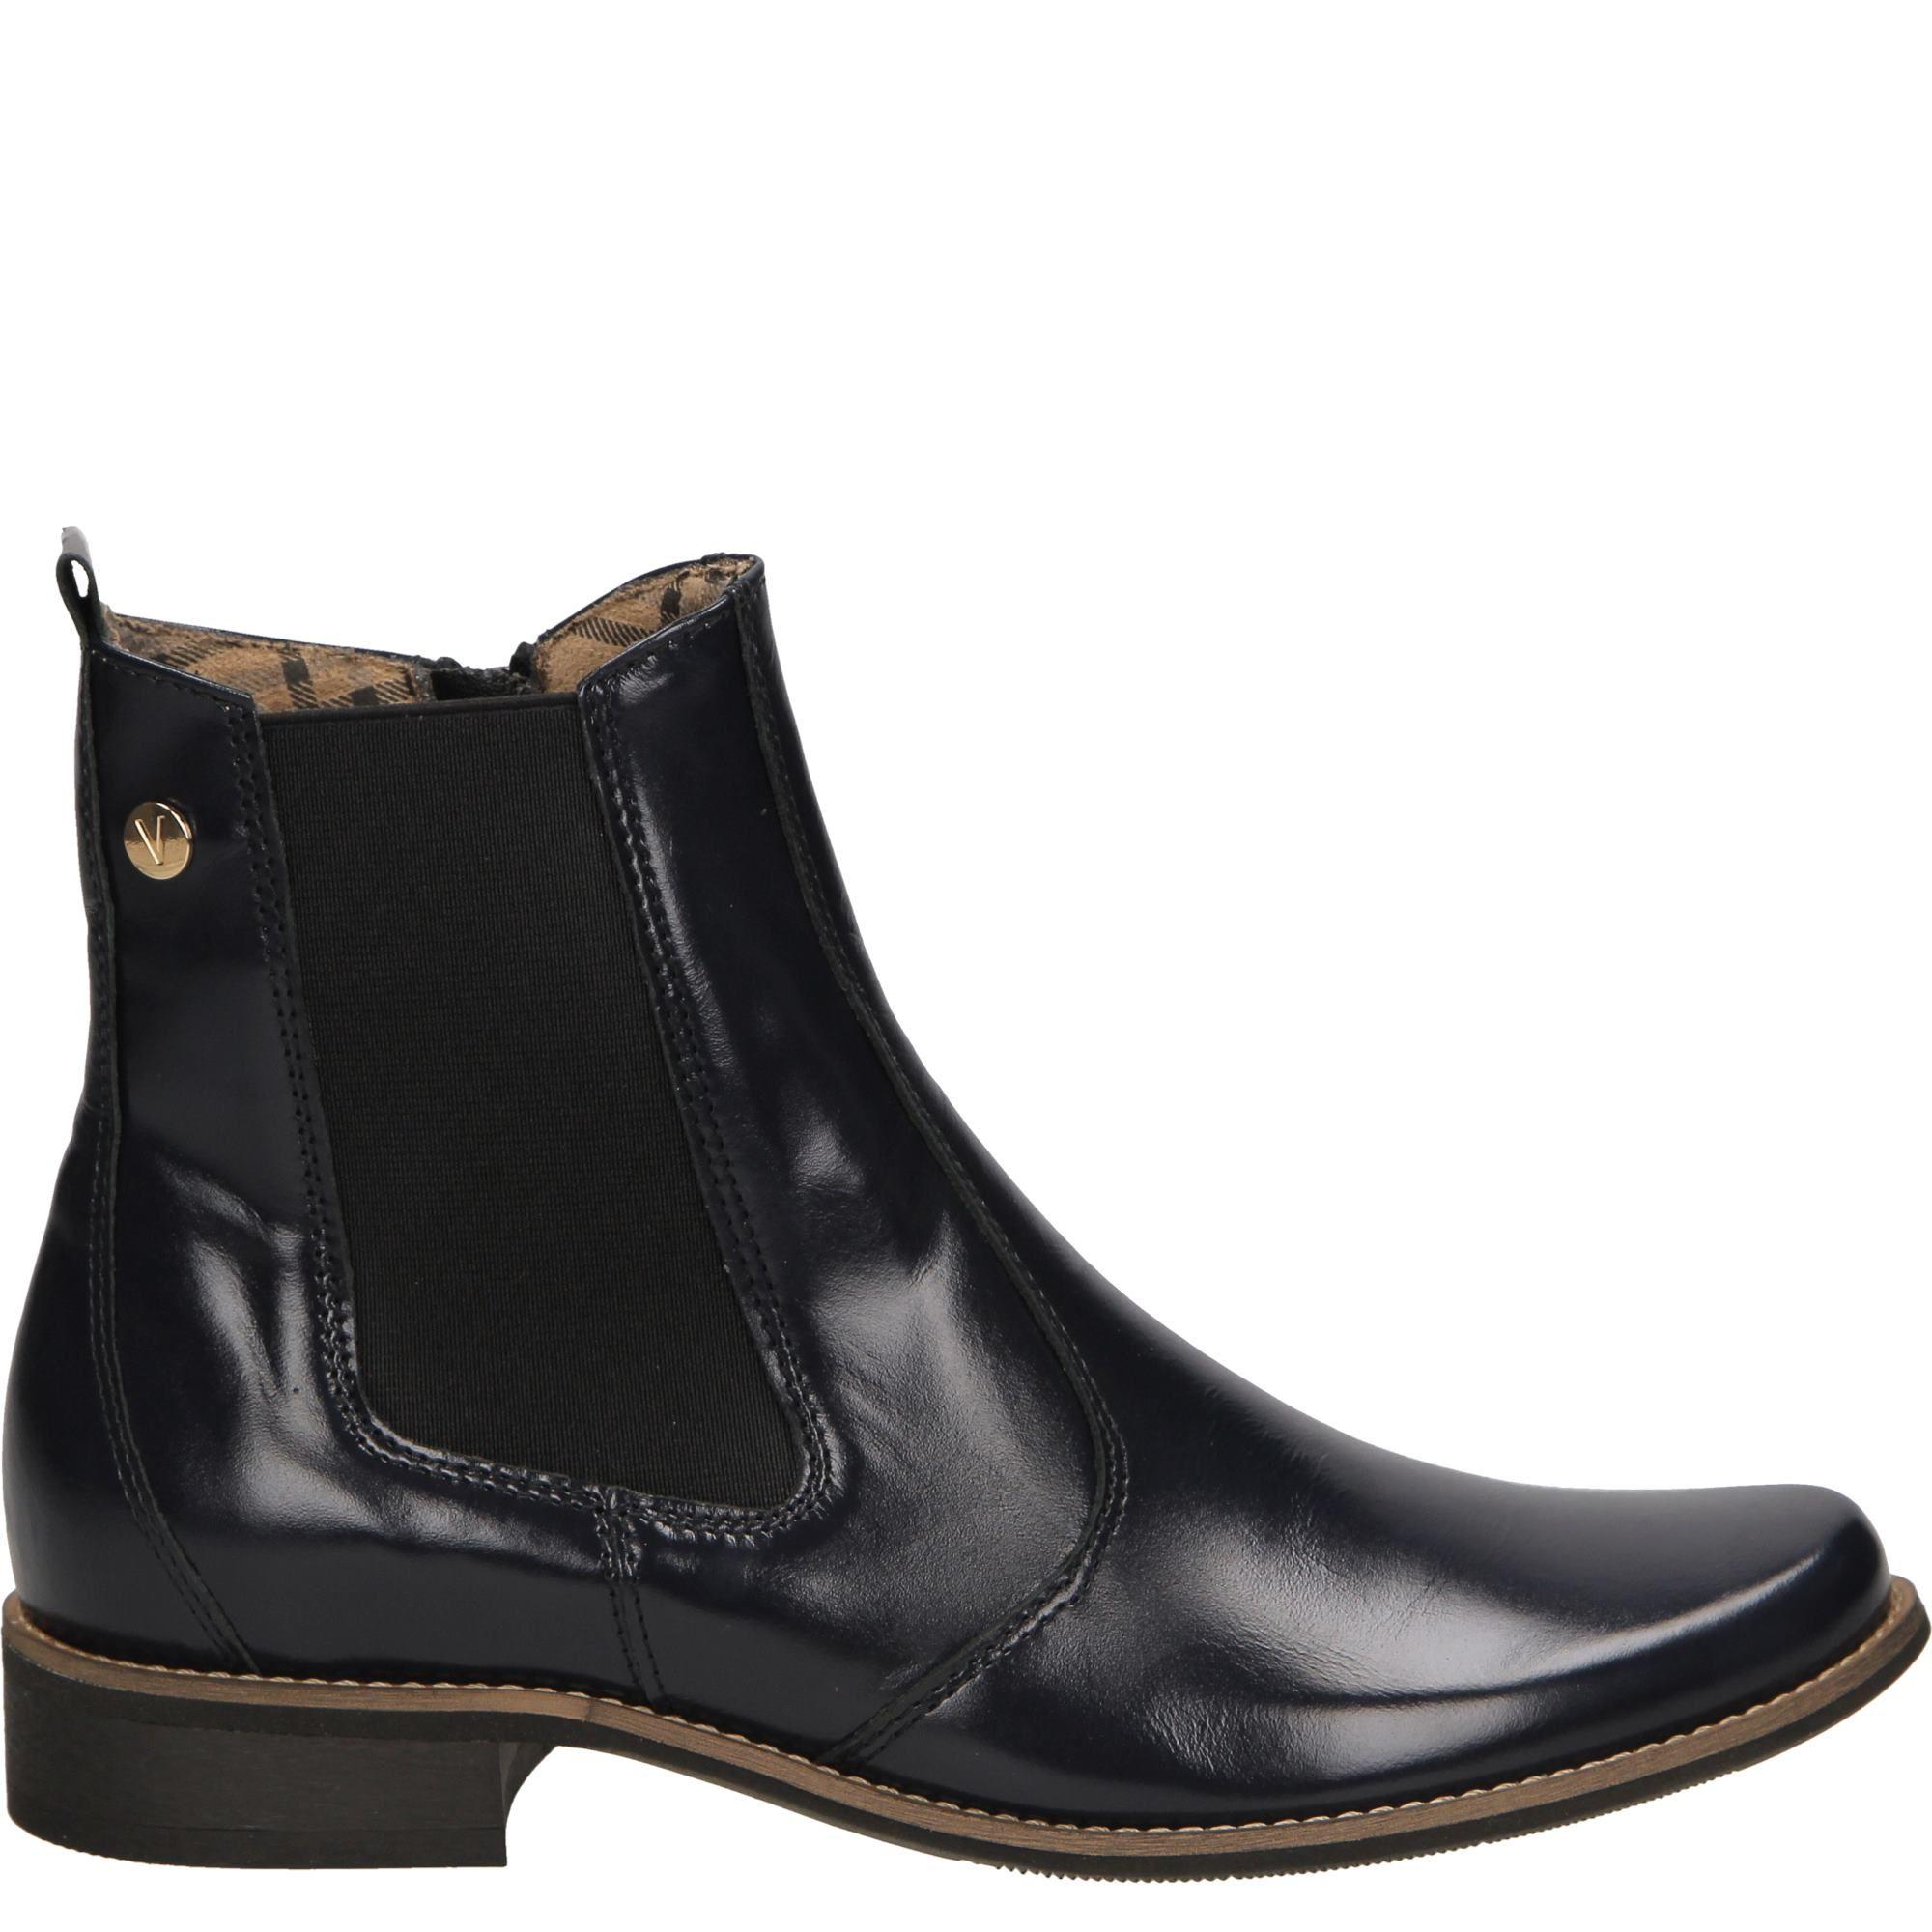 Venezia Firmowy Sklep Online Markowe Buty Online Buty Wloskie Obuwie Damskie Obuwie Meskie Torby Damskie Kurtki Damskie Chelsea Boots Boots Shoes